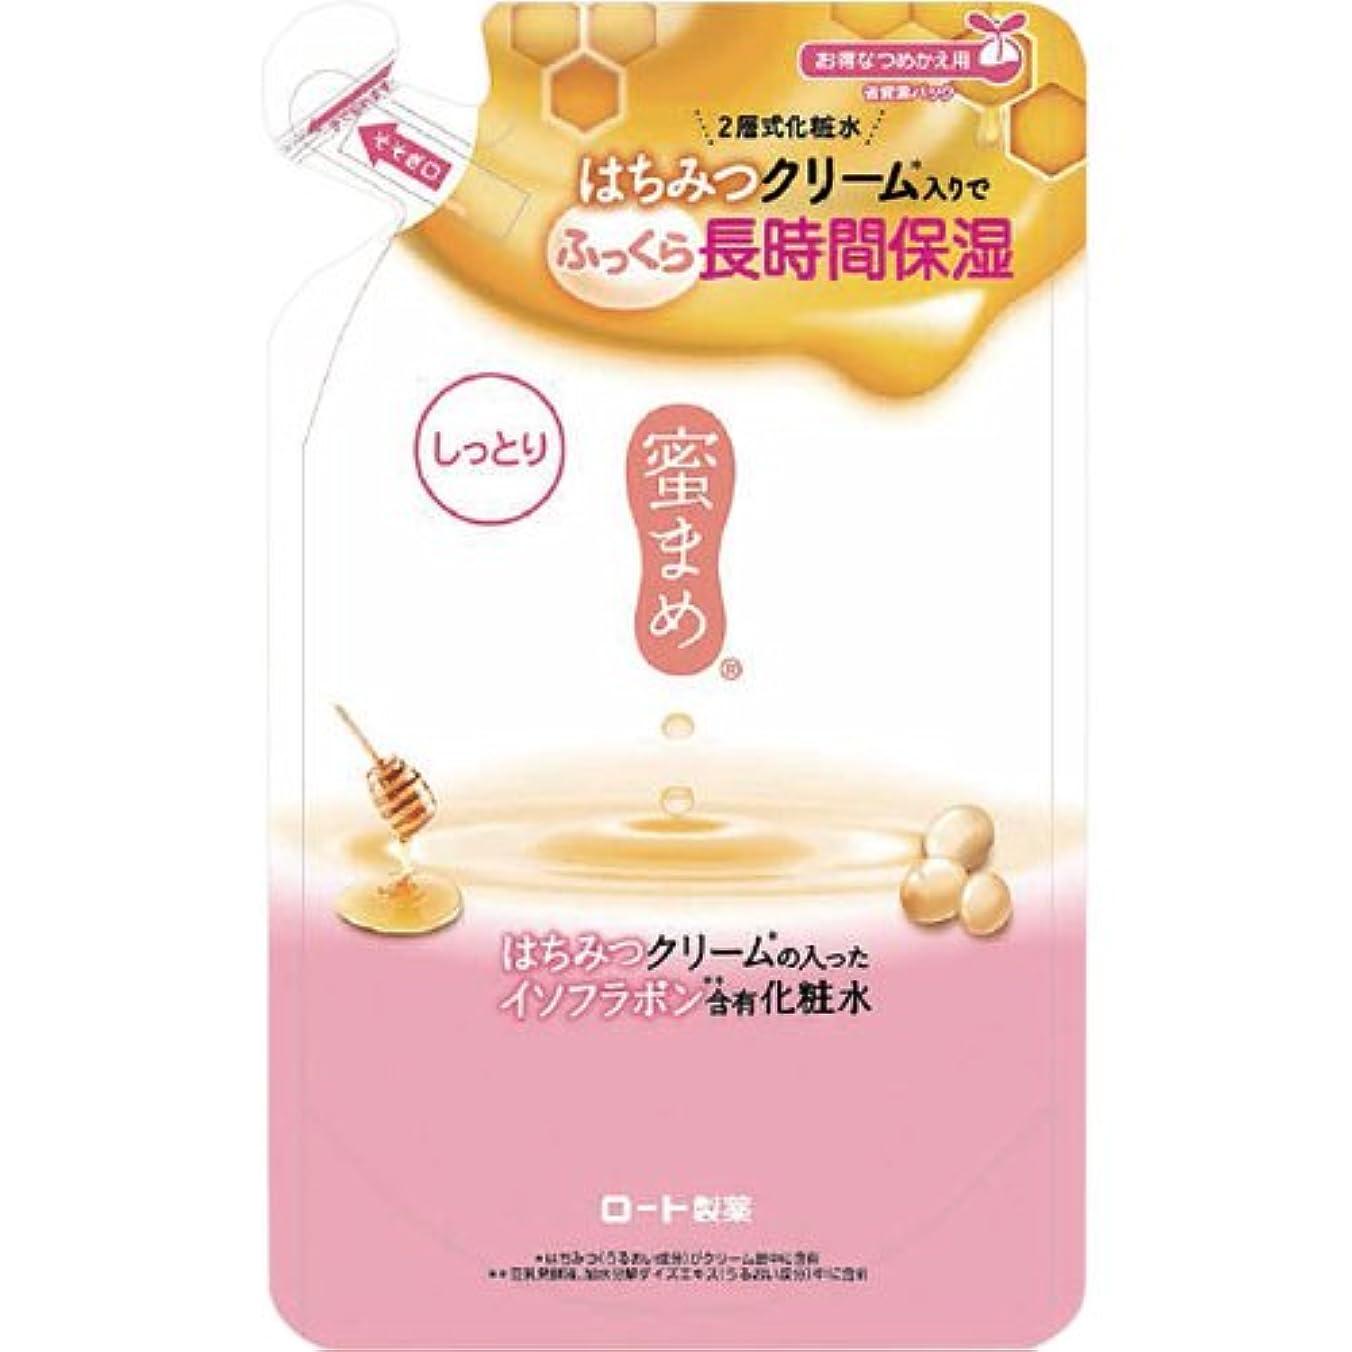 ローラー四排出蜜まめ 合わせ化粧水 (しっとり) (つめかえ用) 180mL